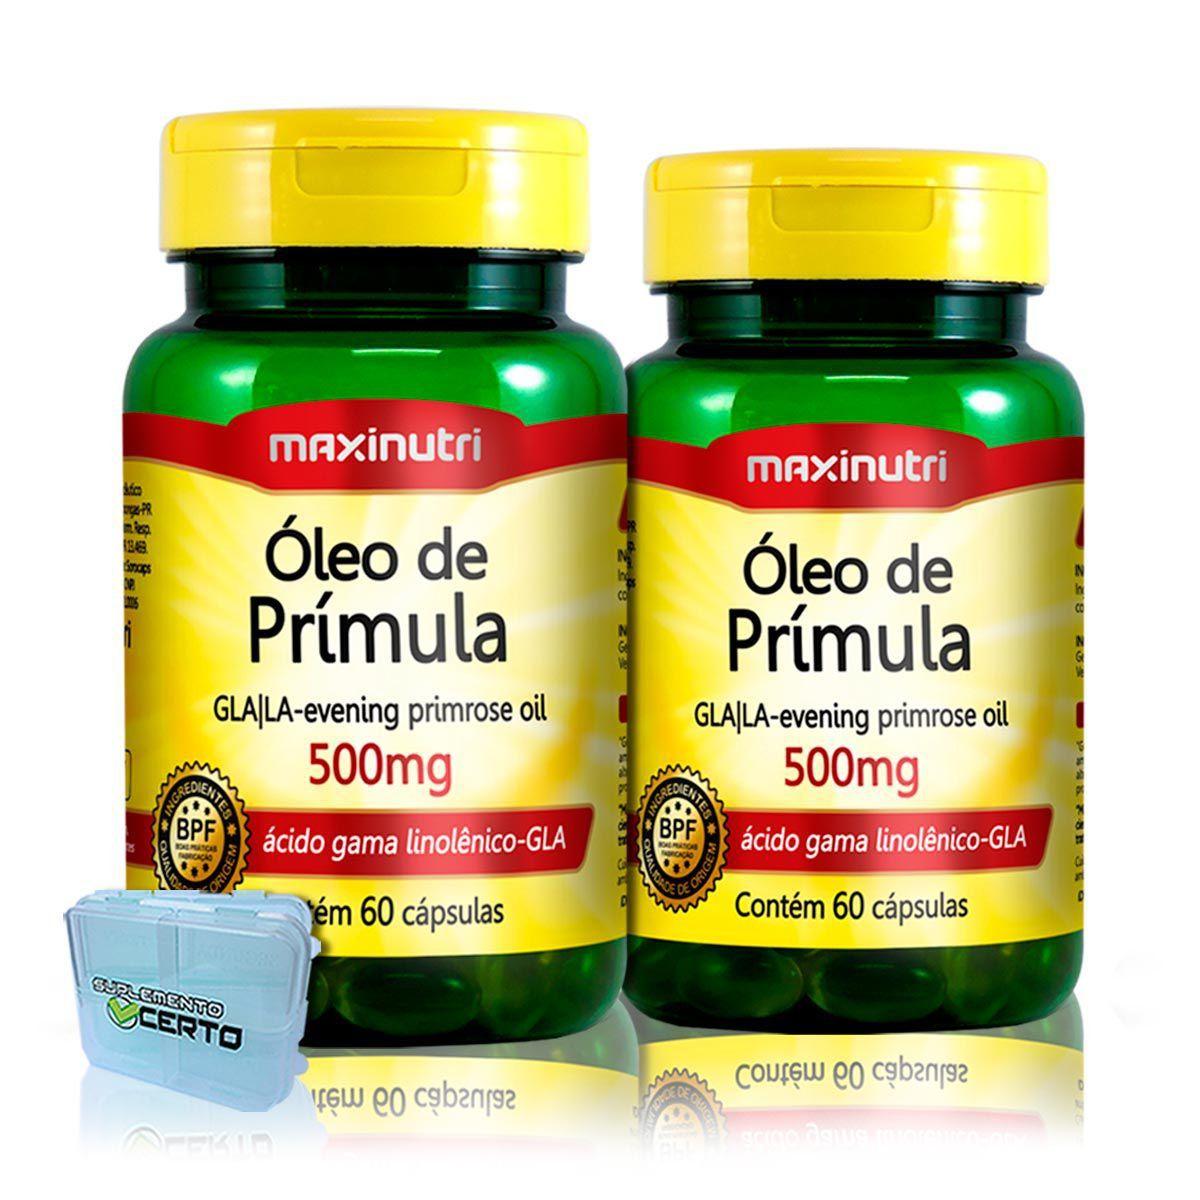 2x Óleo de Primula 500mg 60 Cápsulas + Porta Cápsulas - Maxinutri